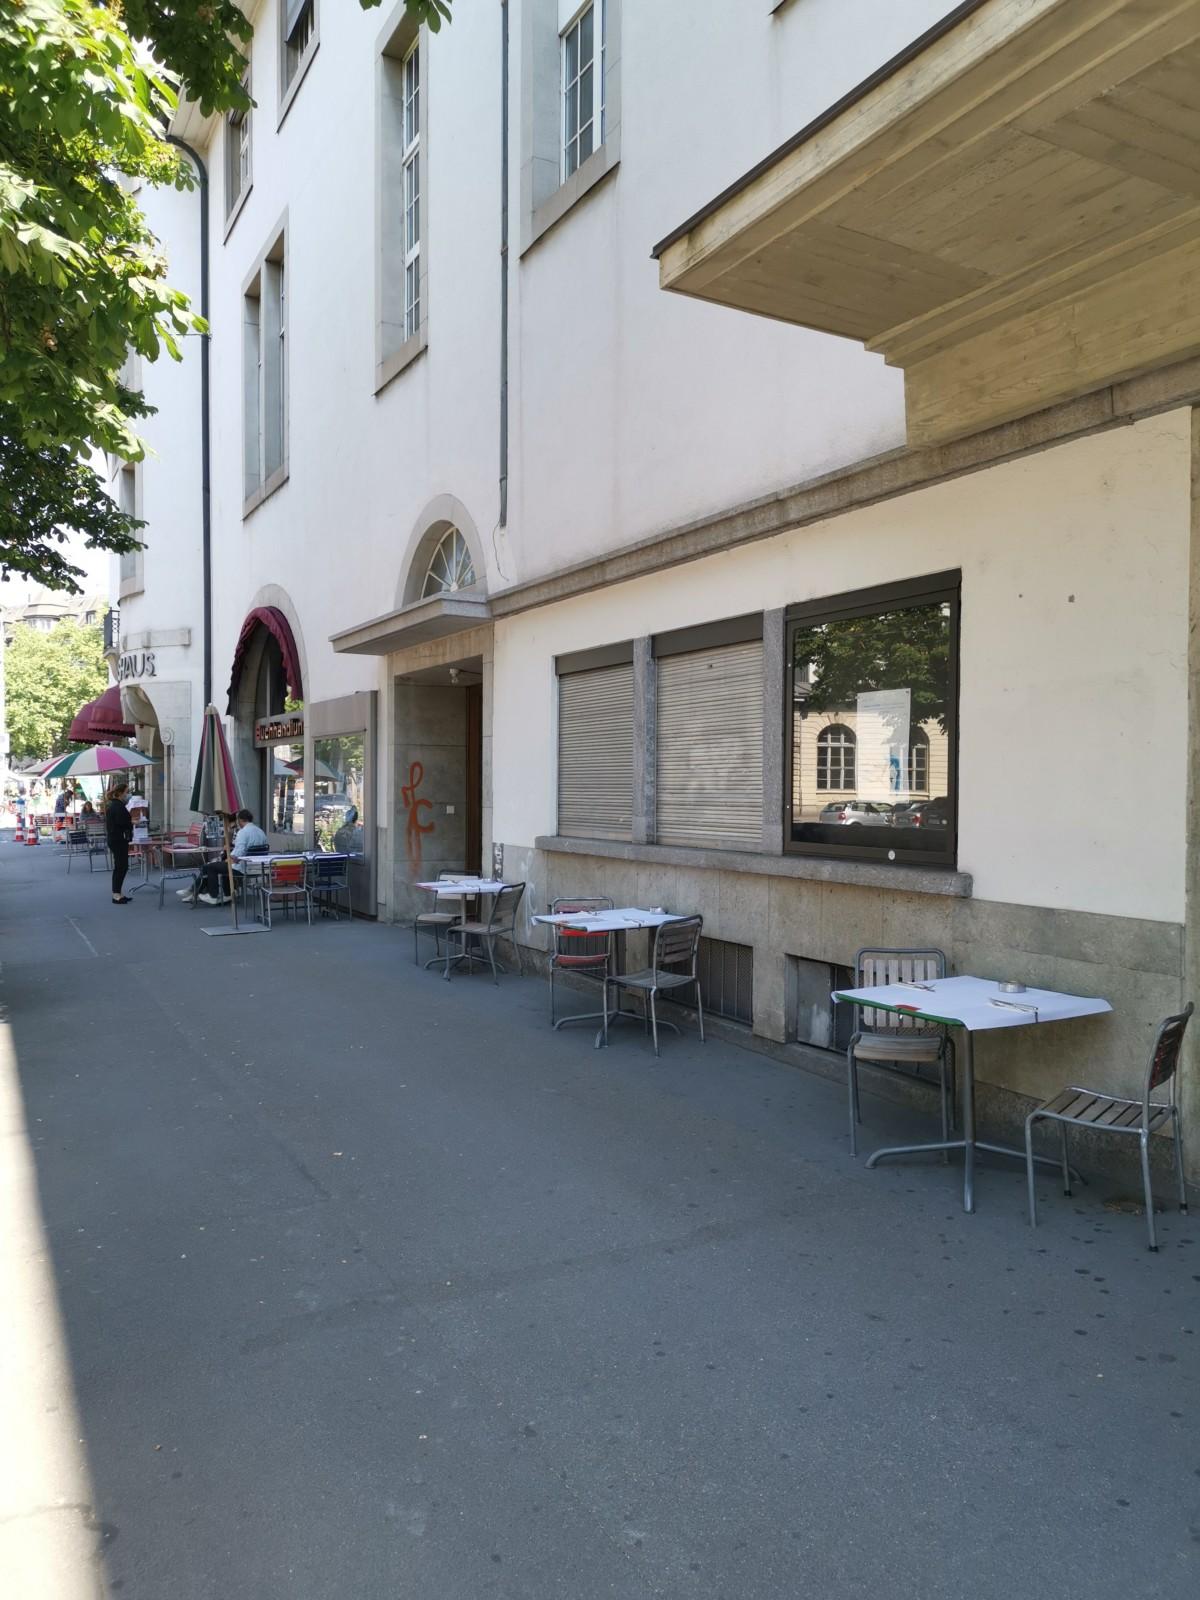 Der erweiterte Aussenbereich vor dem Volkshaus. Foto: Lunchgate/Max